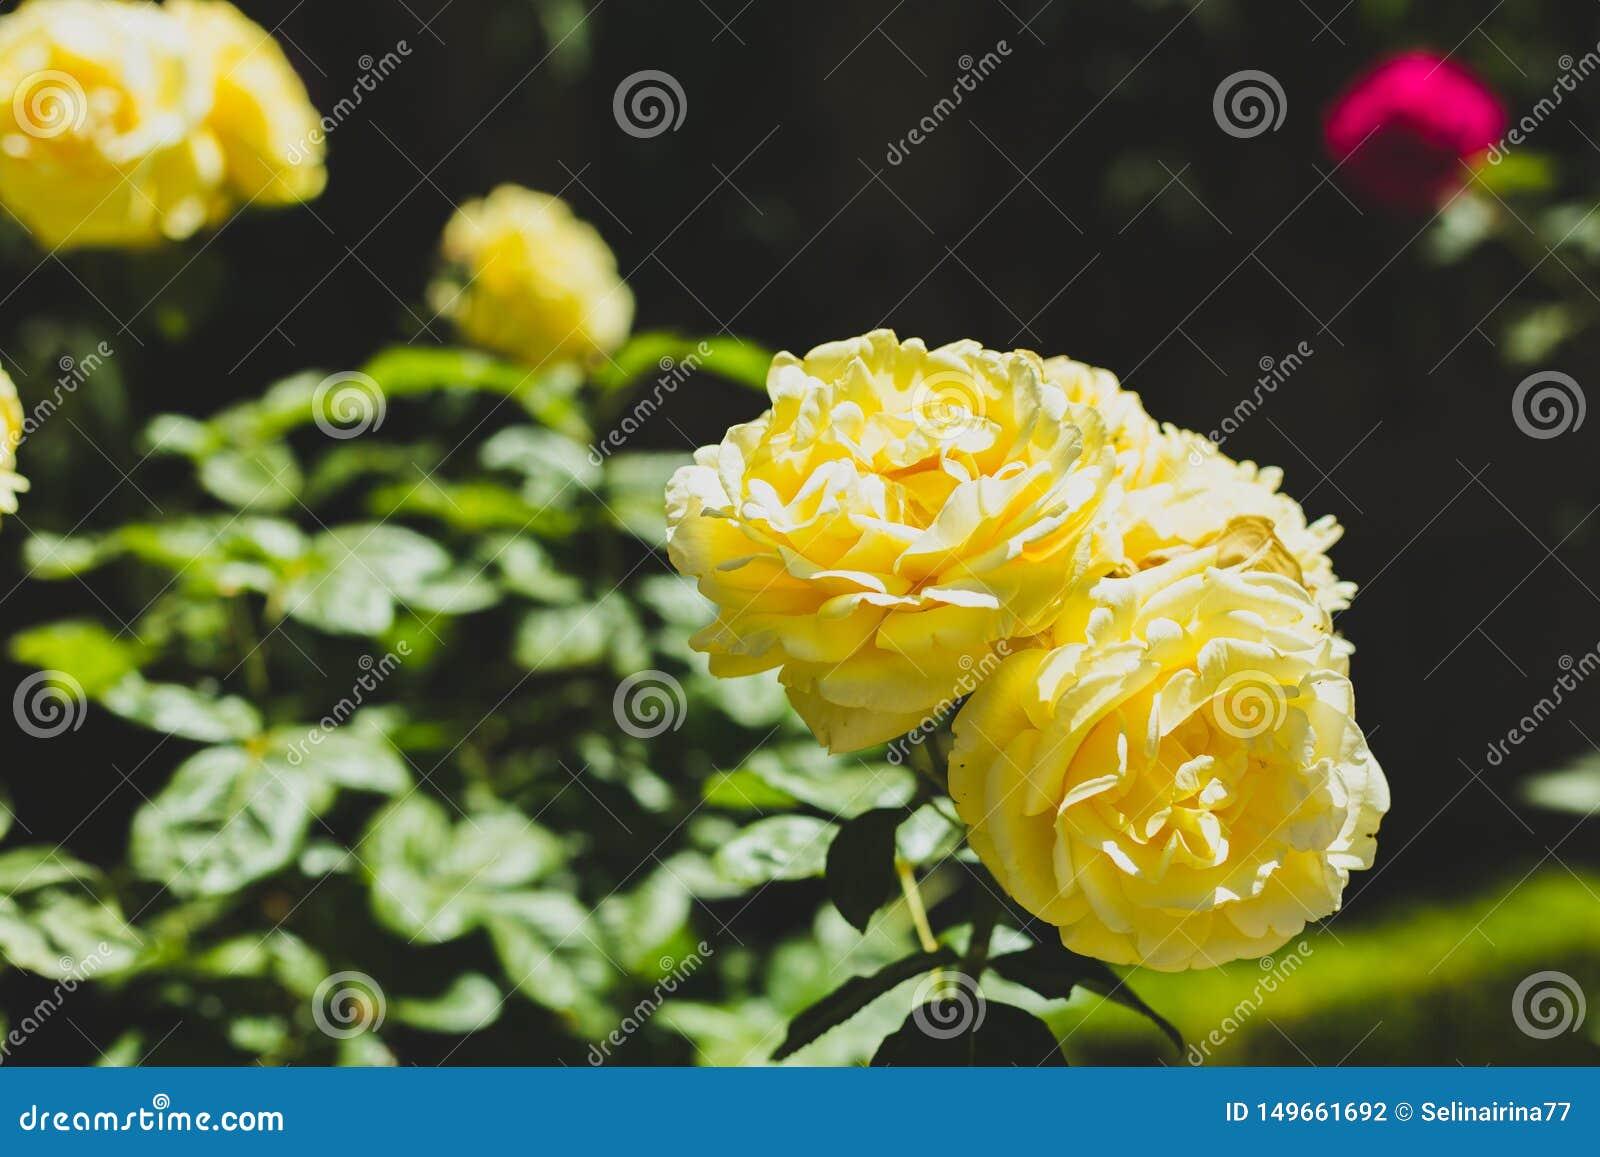 Fleurs de roses jaunes et fond vert de feuilles en soleil Copiez l espace